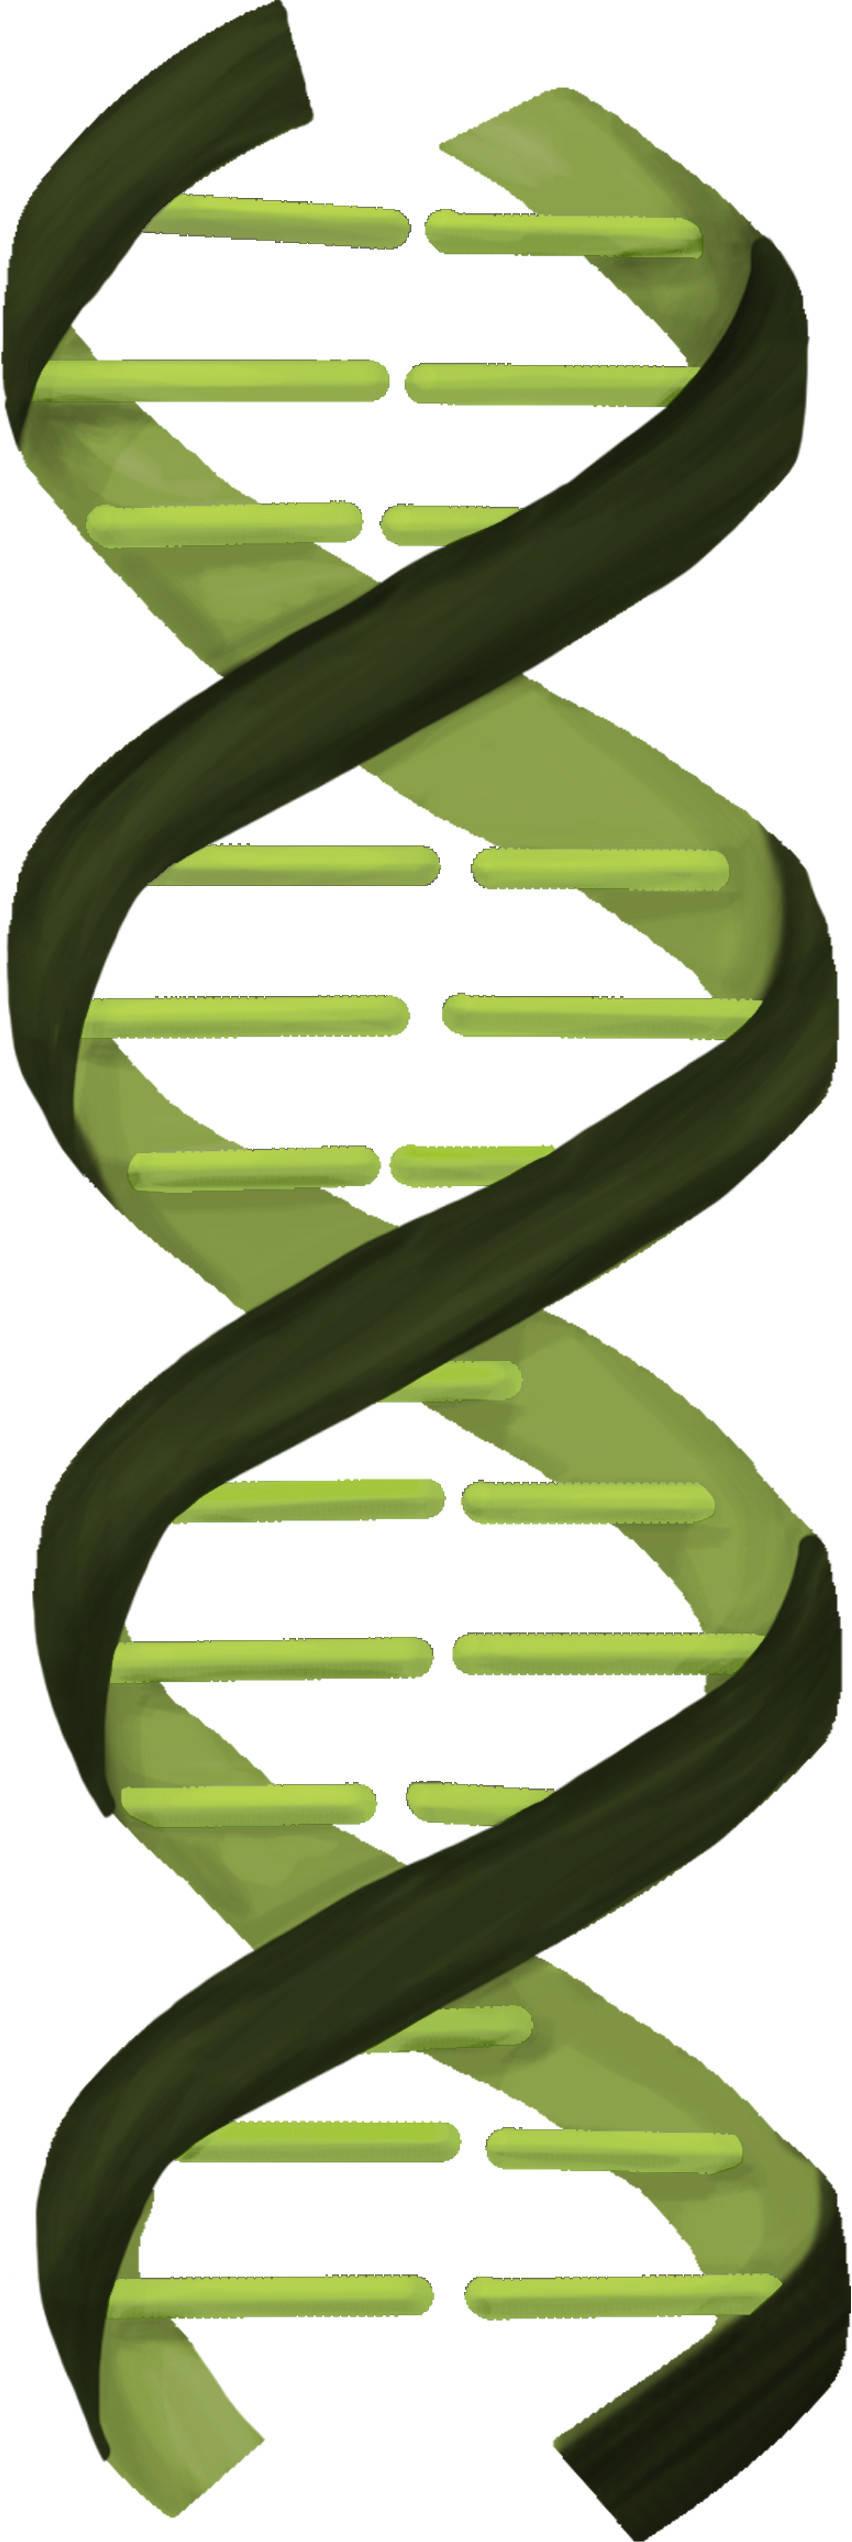 DNA und Molekulargenetik - Mittelstufe online lernen